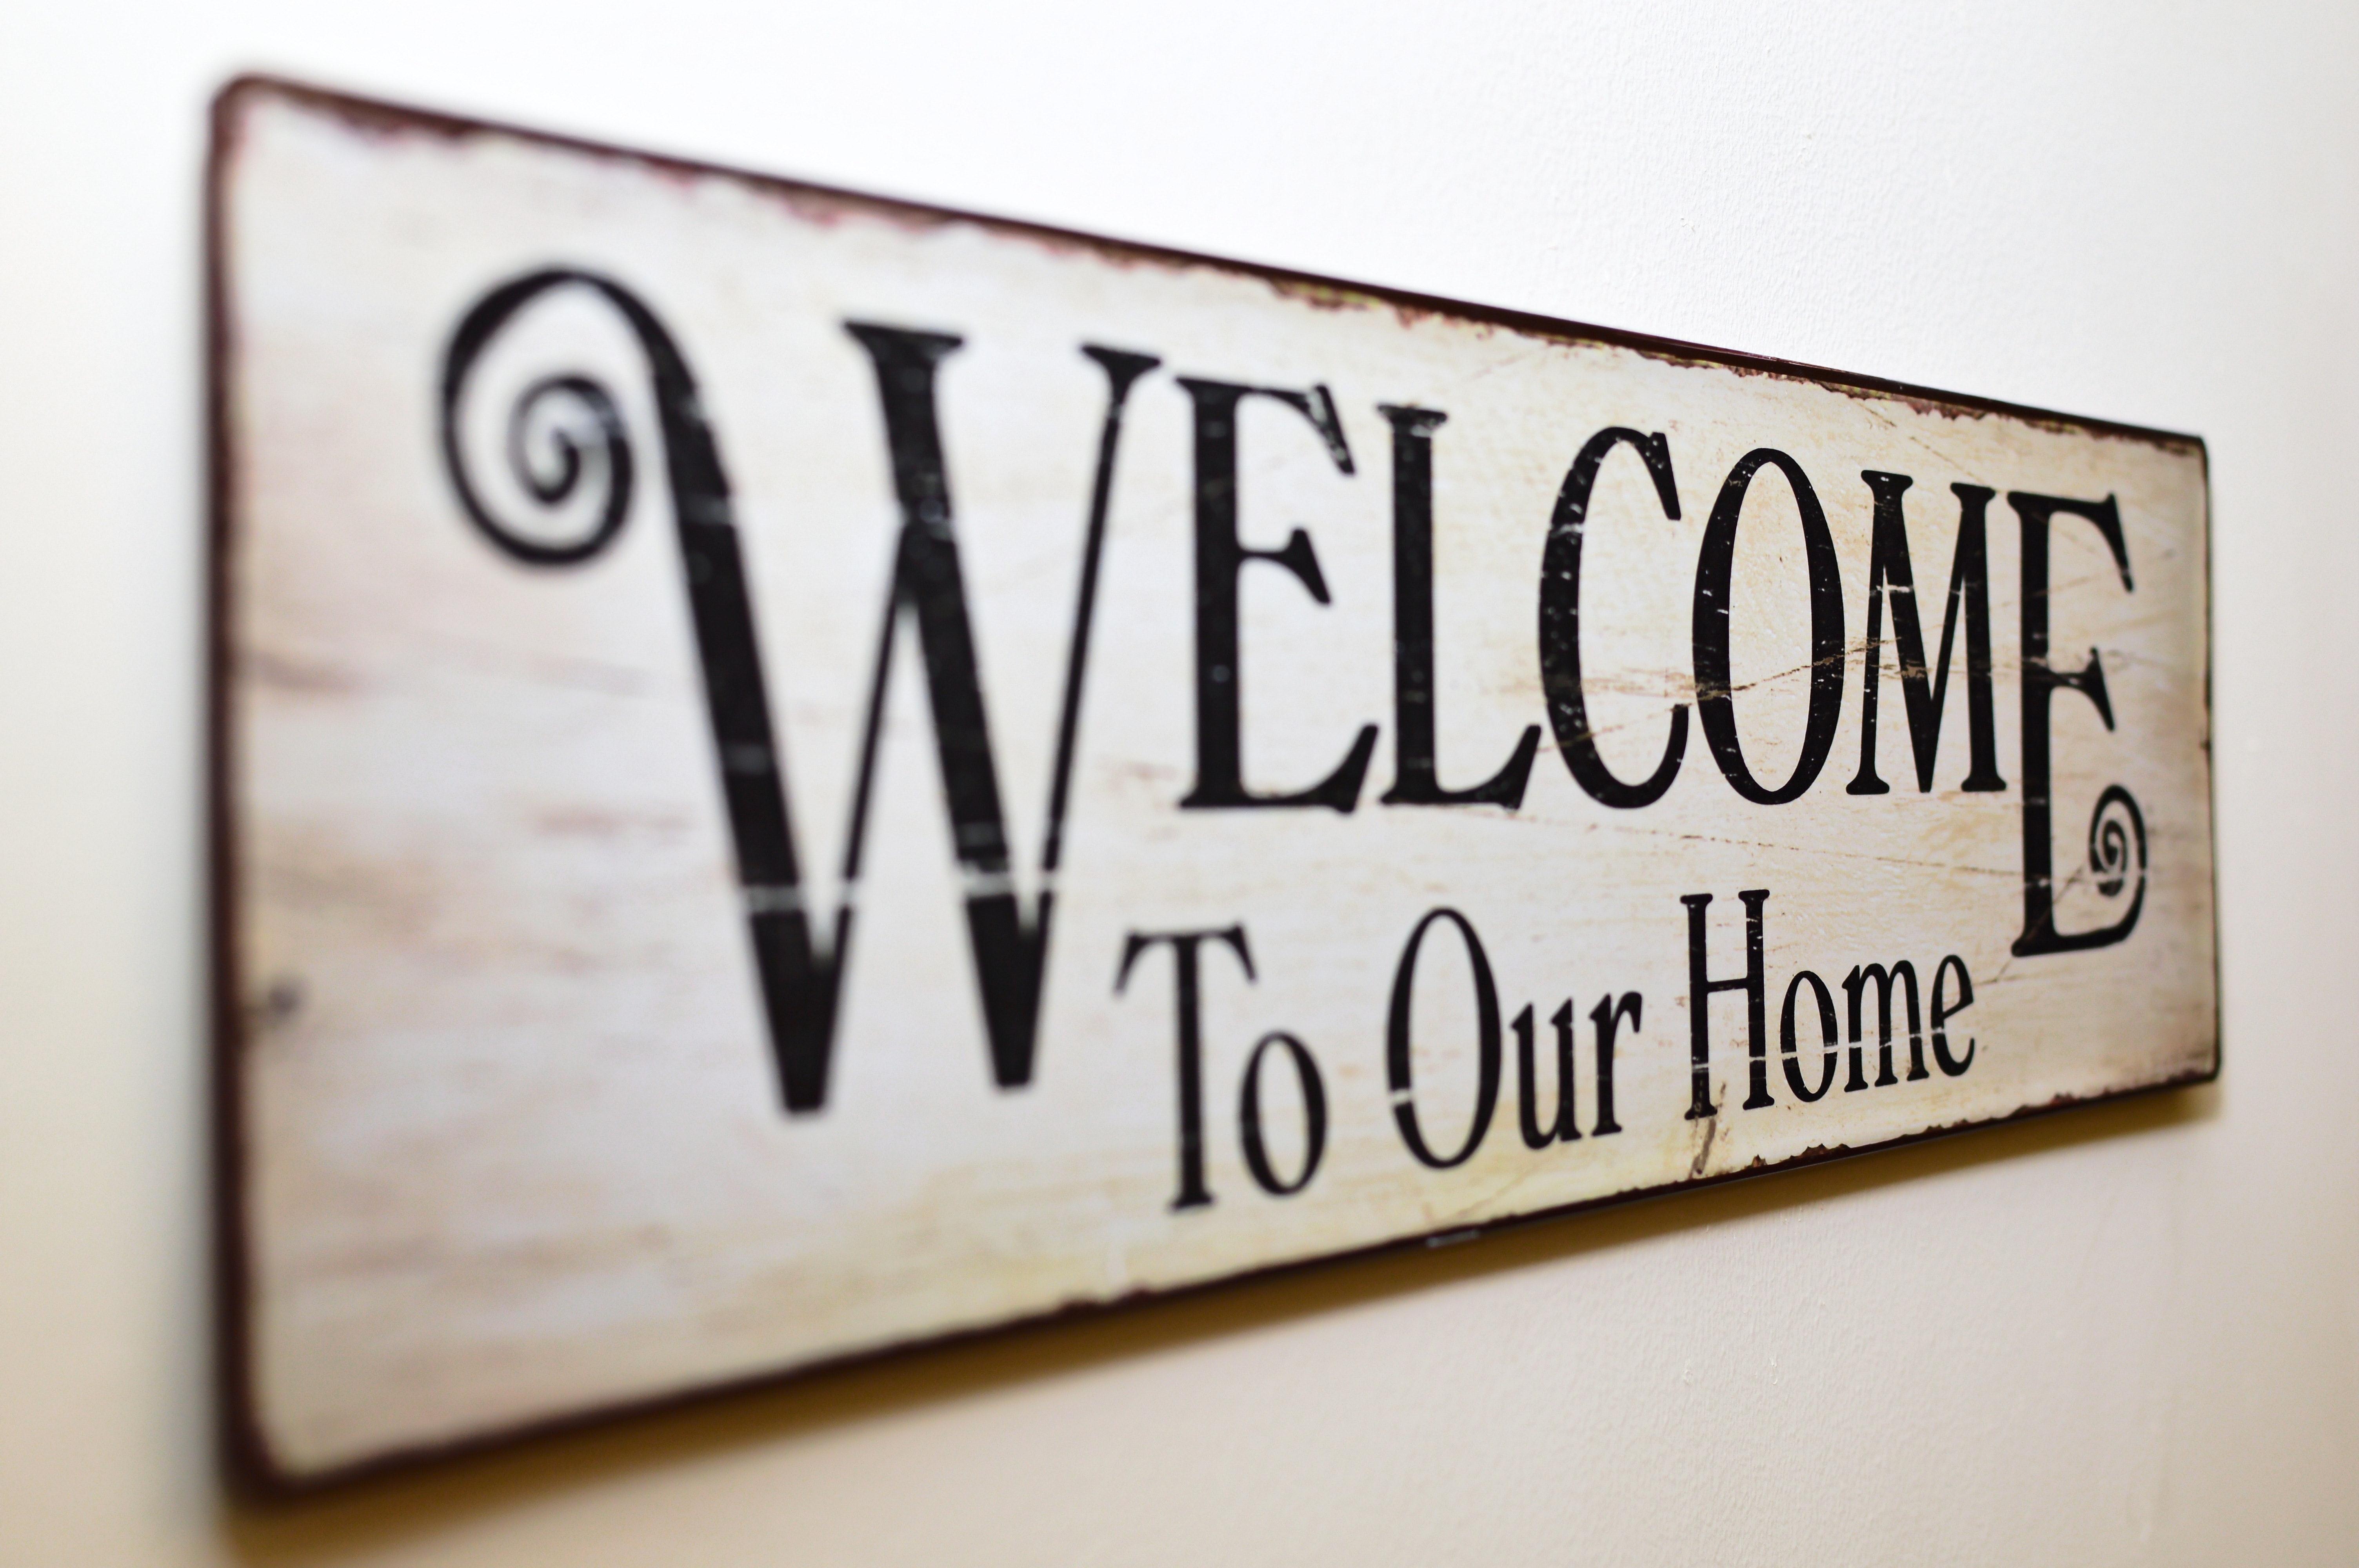 Zo-Voel-Jij-Je-Thuis-In-Een-Nieuw-Huis